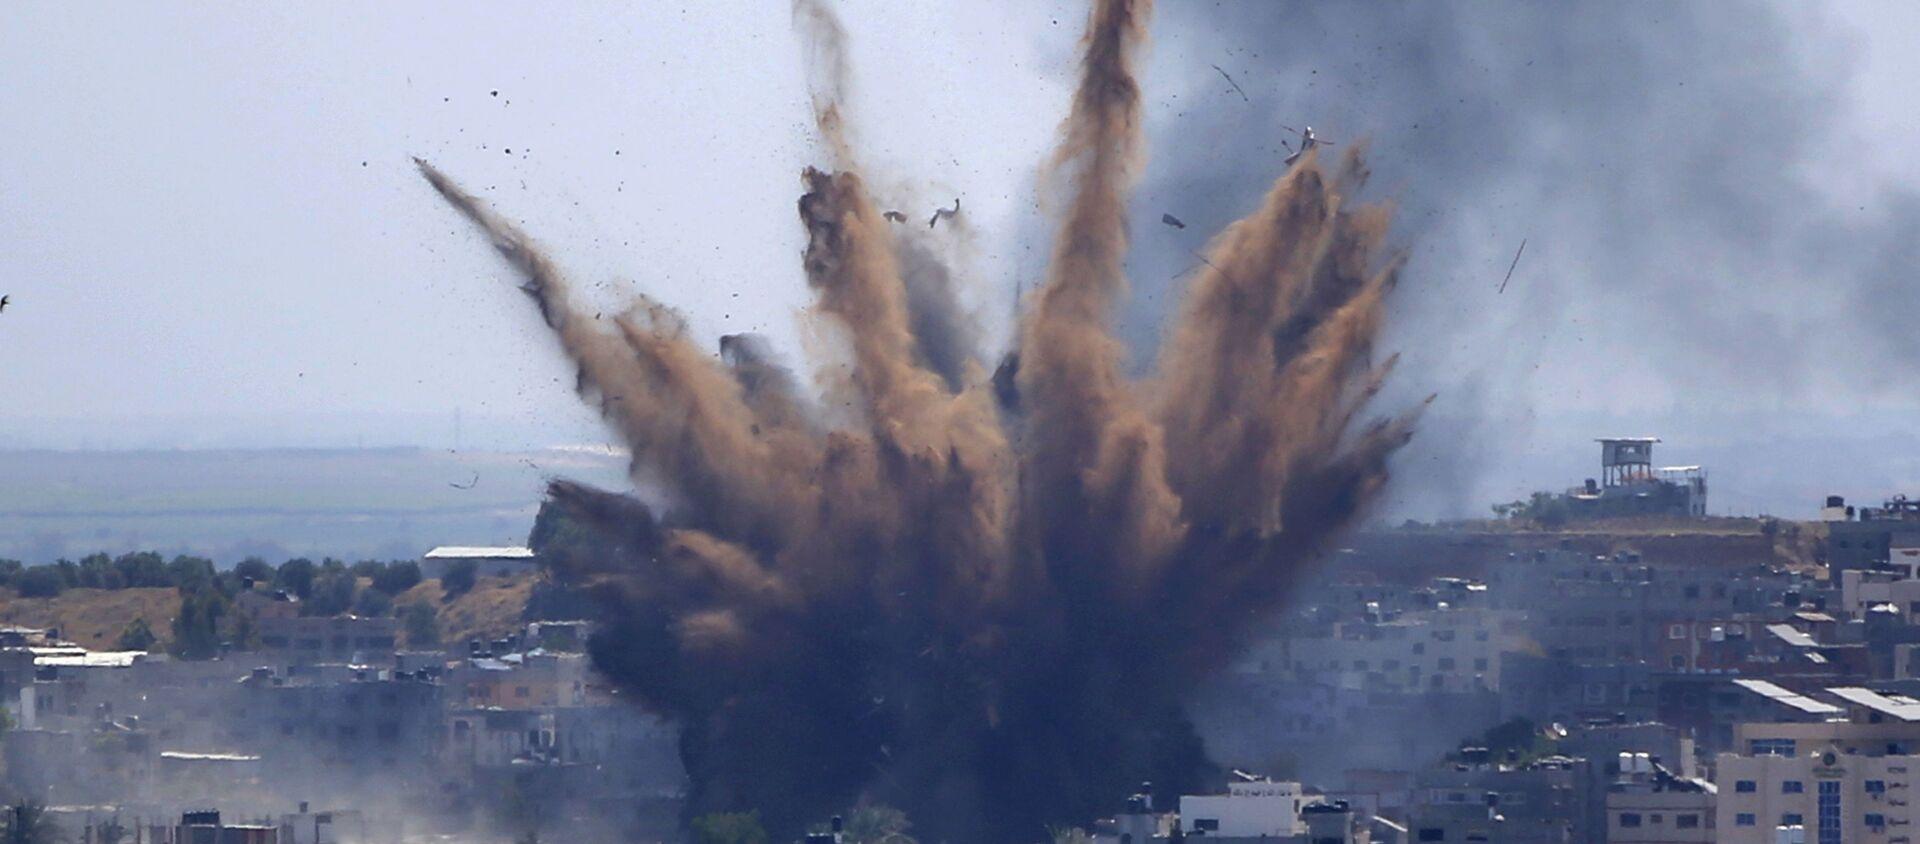 Khói bốc lên sau cuộc không kích của Israel vào một tòa nhà ở Thành phố Gaza, Thứ Năm, ngày 13 tháng 5 năm 2021 - Sputnik Việt Nam, 1920, 15.05.2021